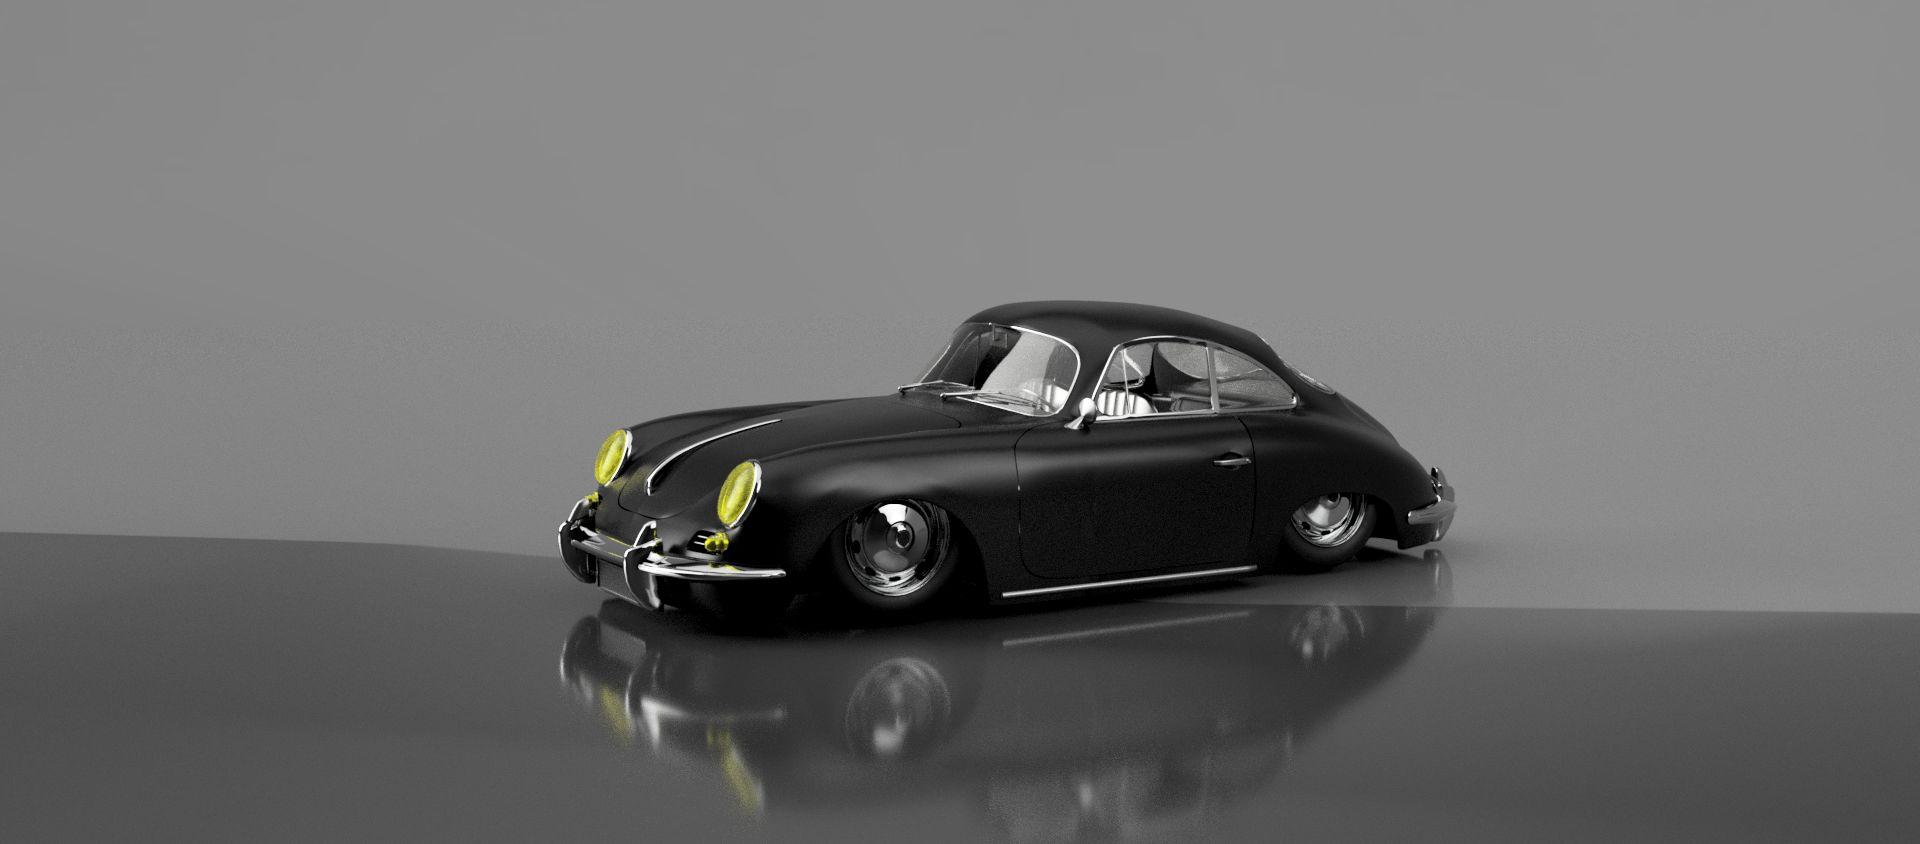 Porsche-356-c-v1-3500-3500